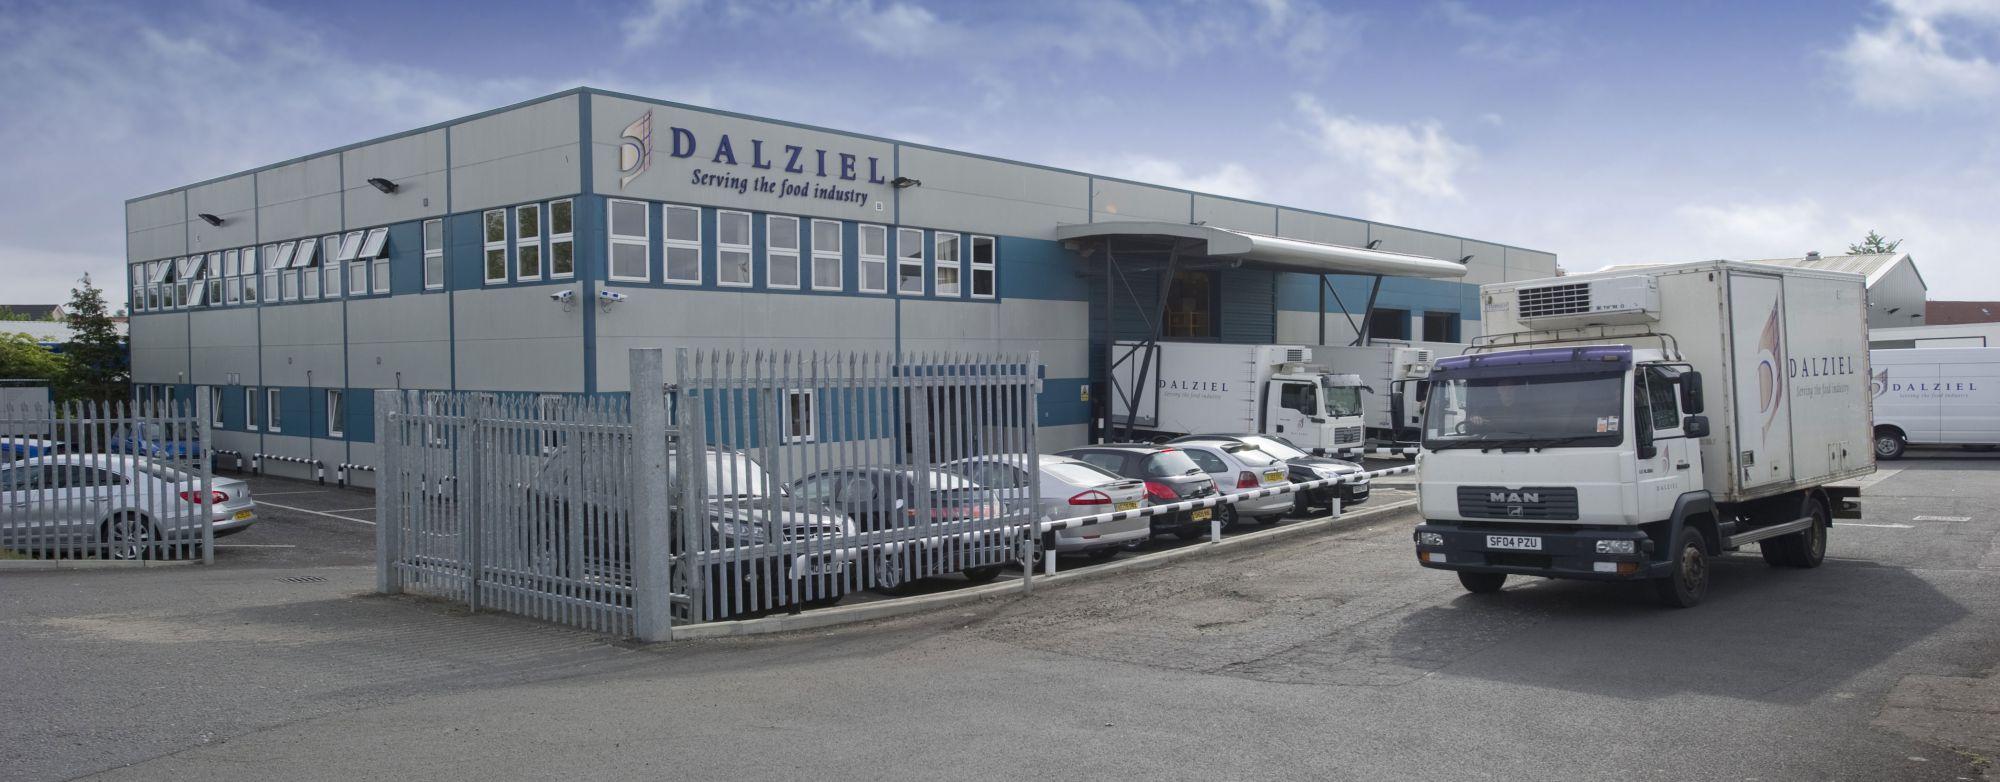 About Dalziel